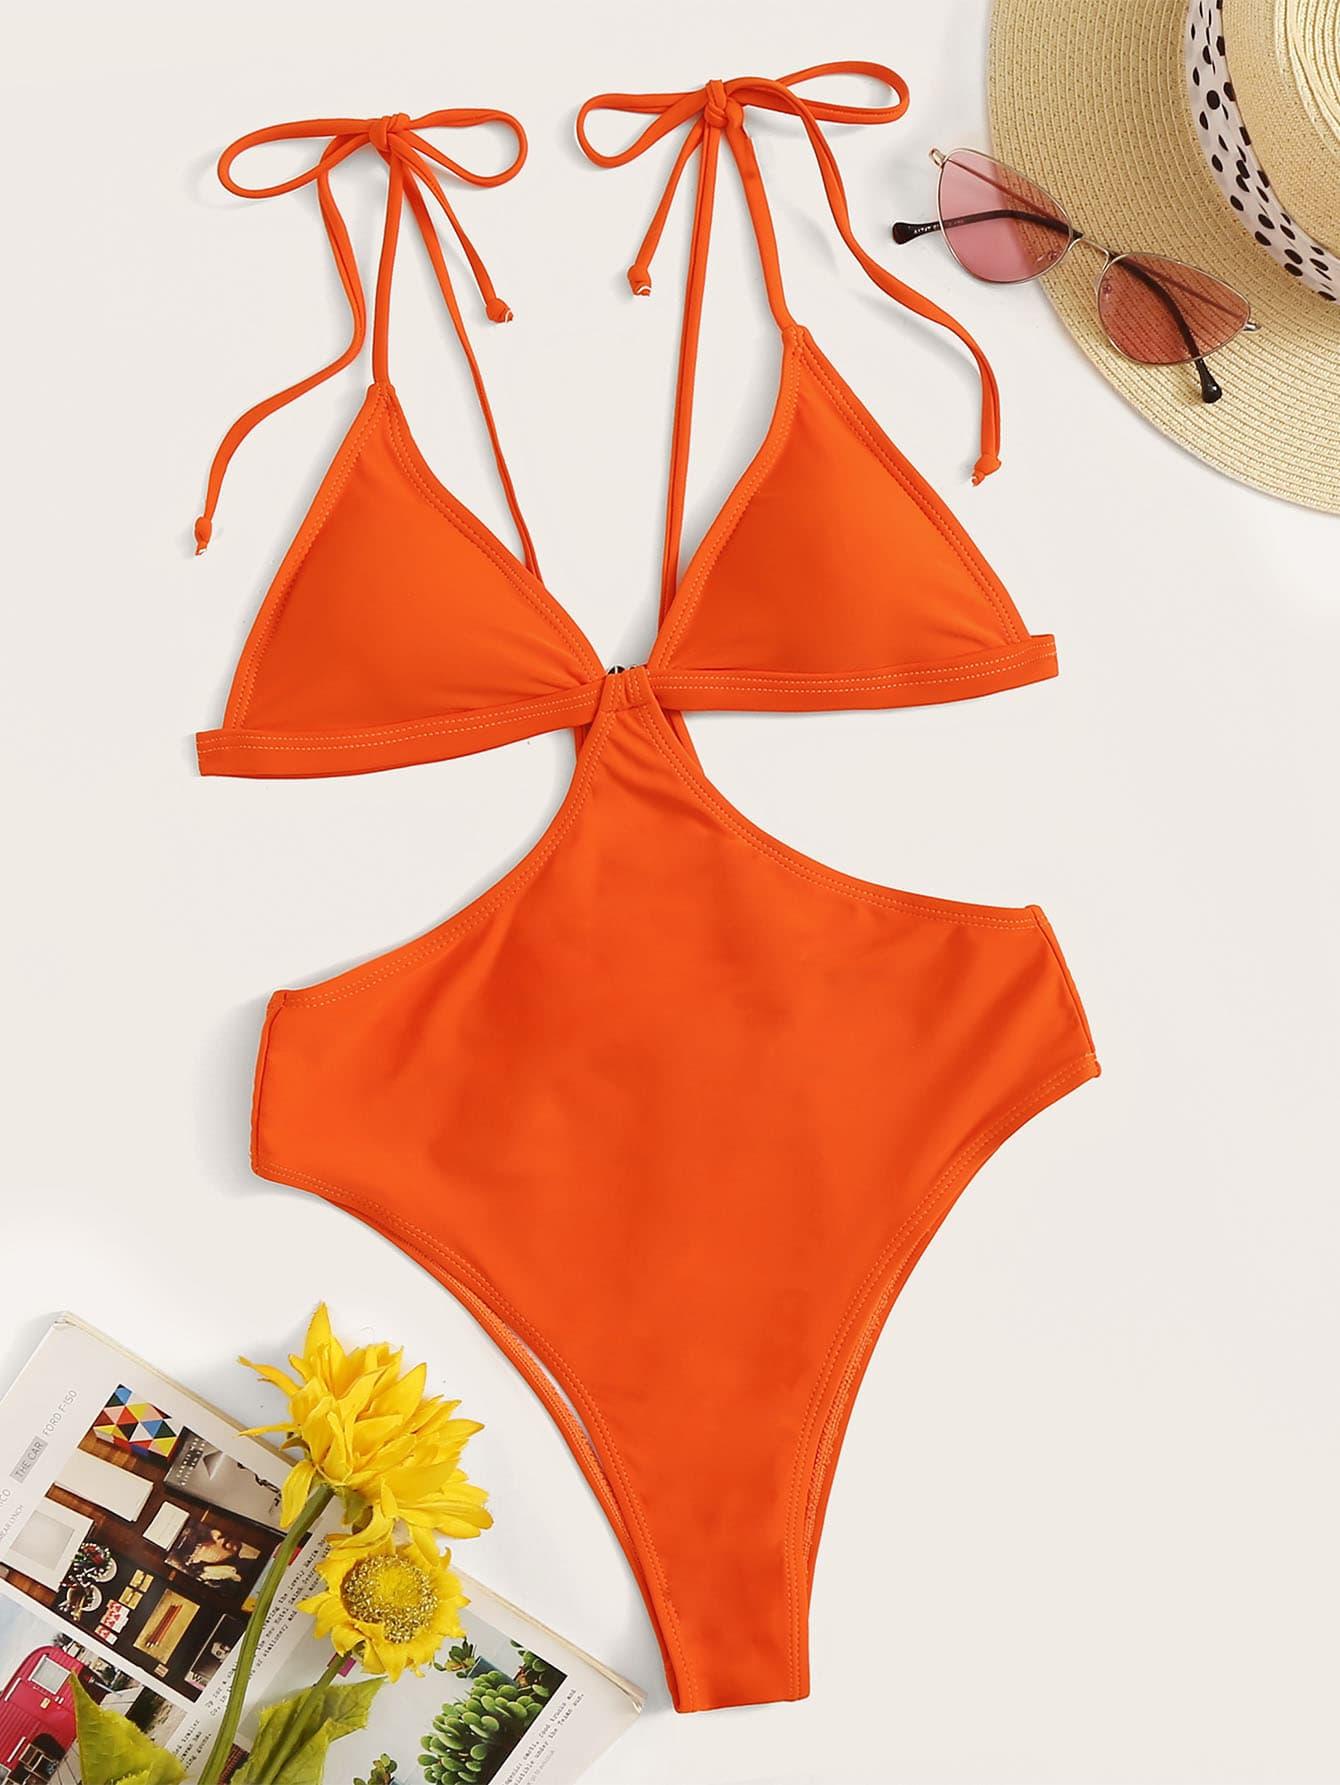 Фото - Купальник с завязками на плечах и разрезом по бокам от SheIn оранжевого цвета